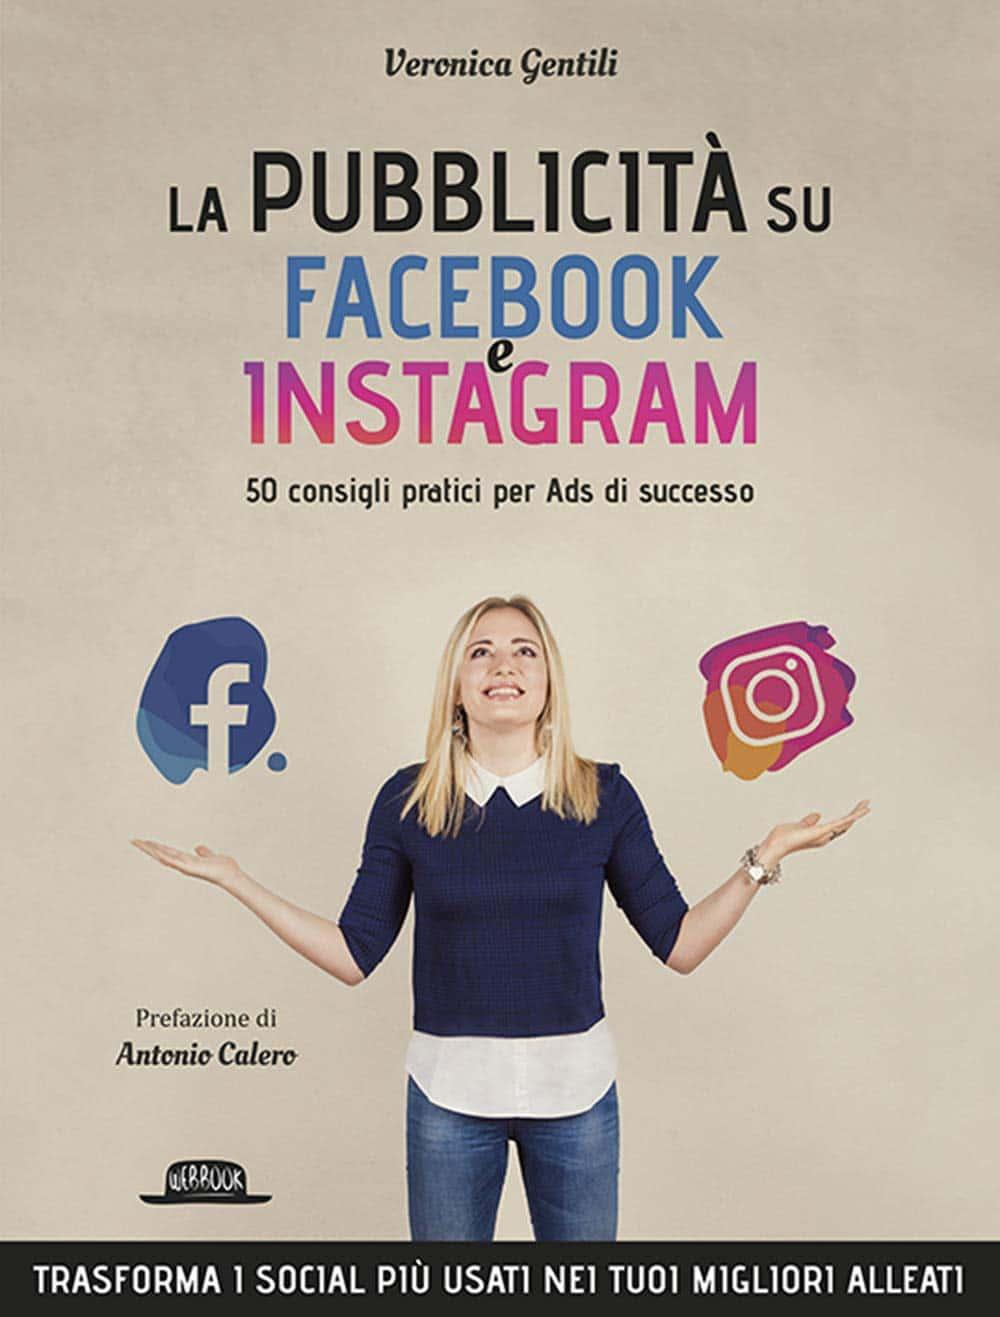 Recensione di La Pubblicità Su Facebook E Instagram – Veronica Gentili